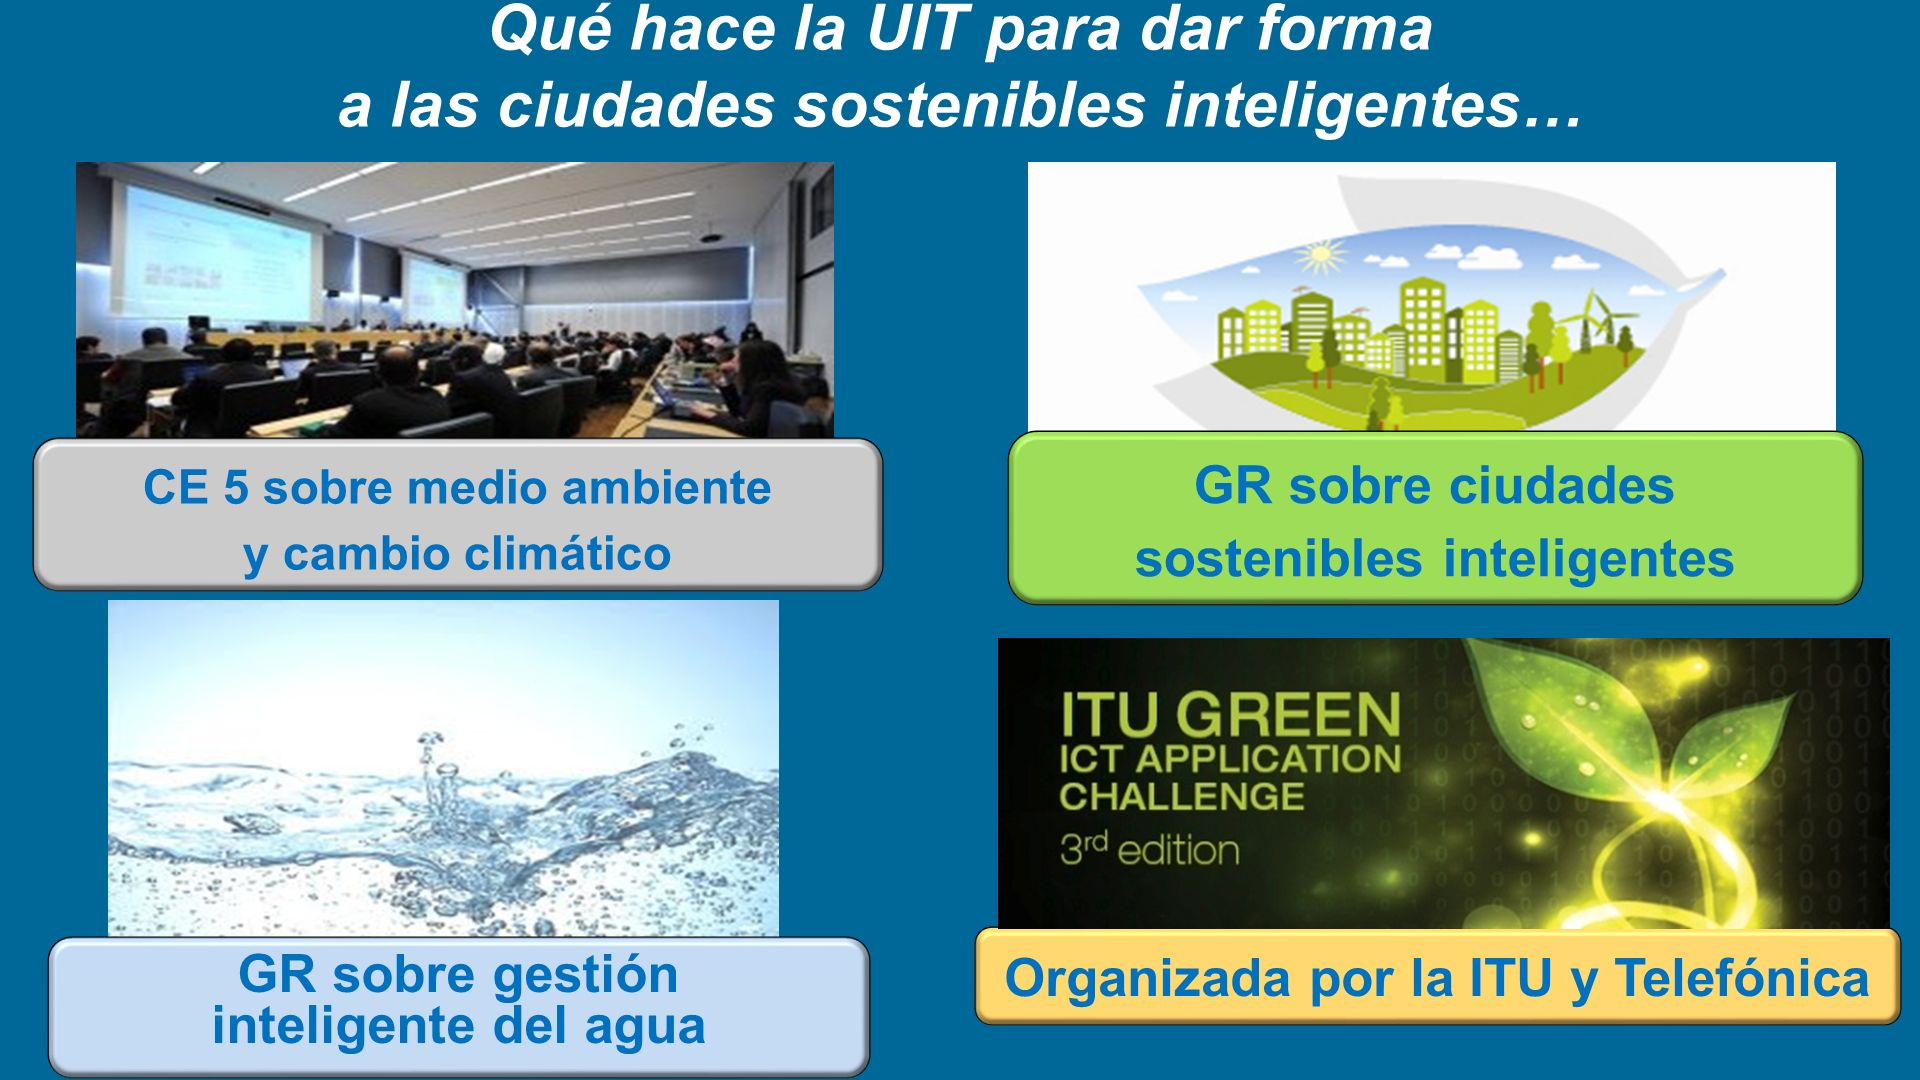 Qué hace la UIT para dar forma a las ciudades sostenibles inteligentes…